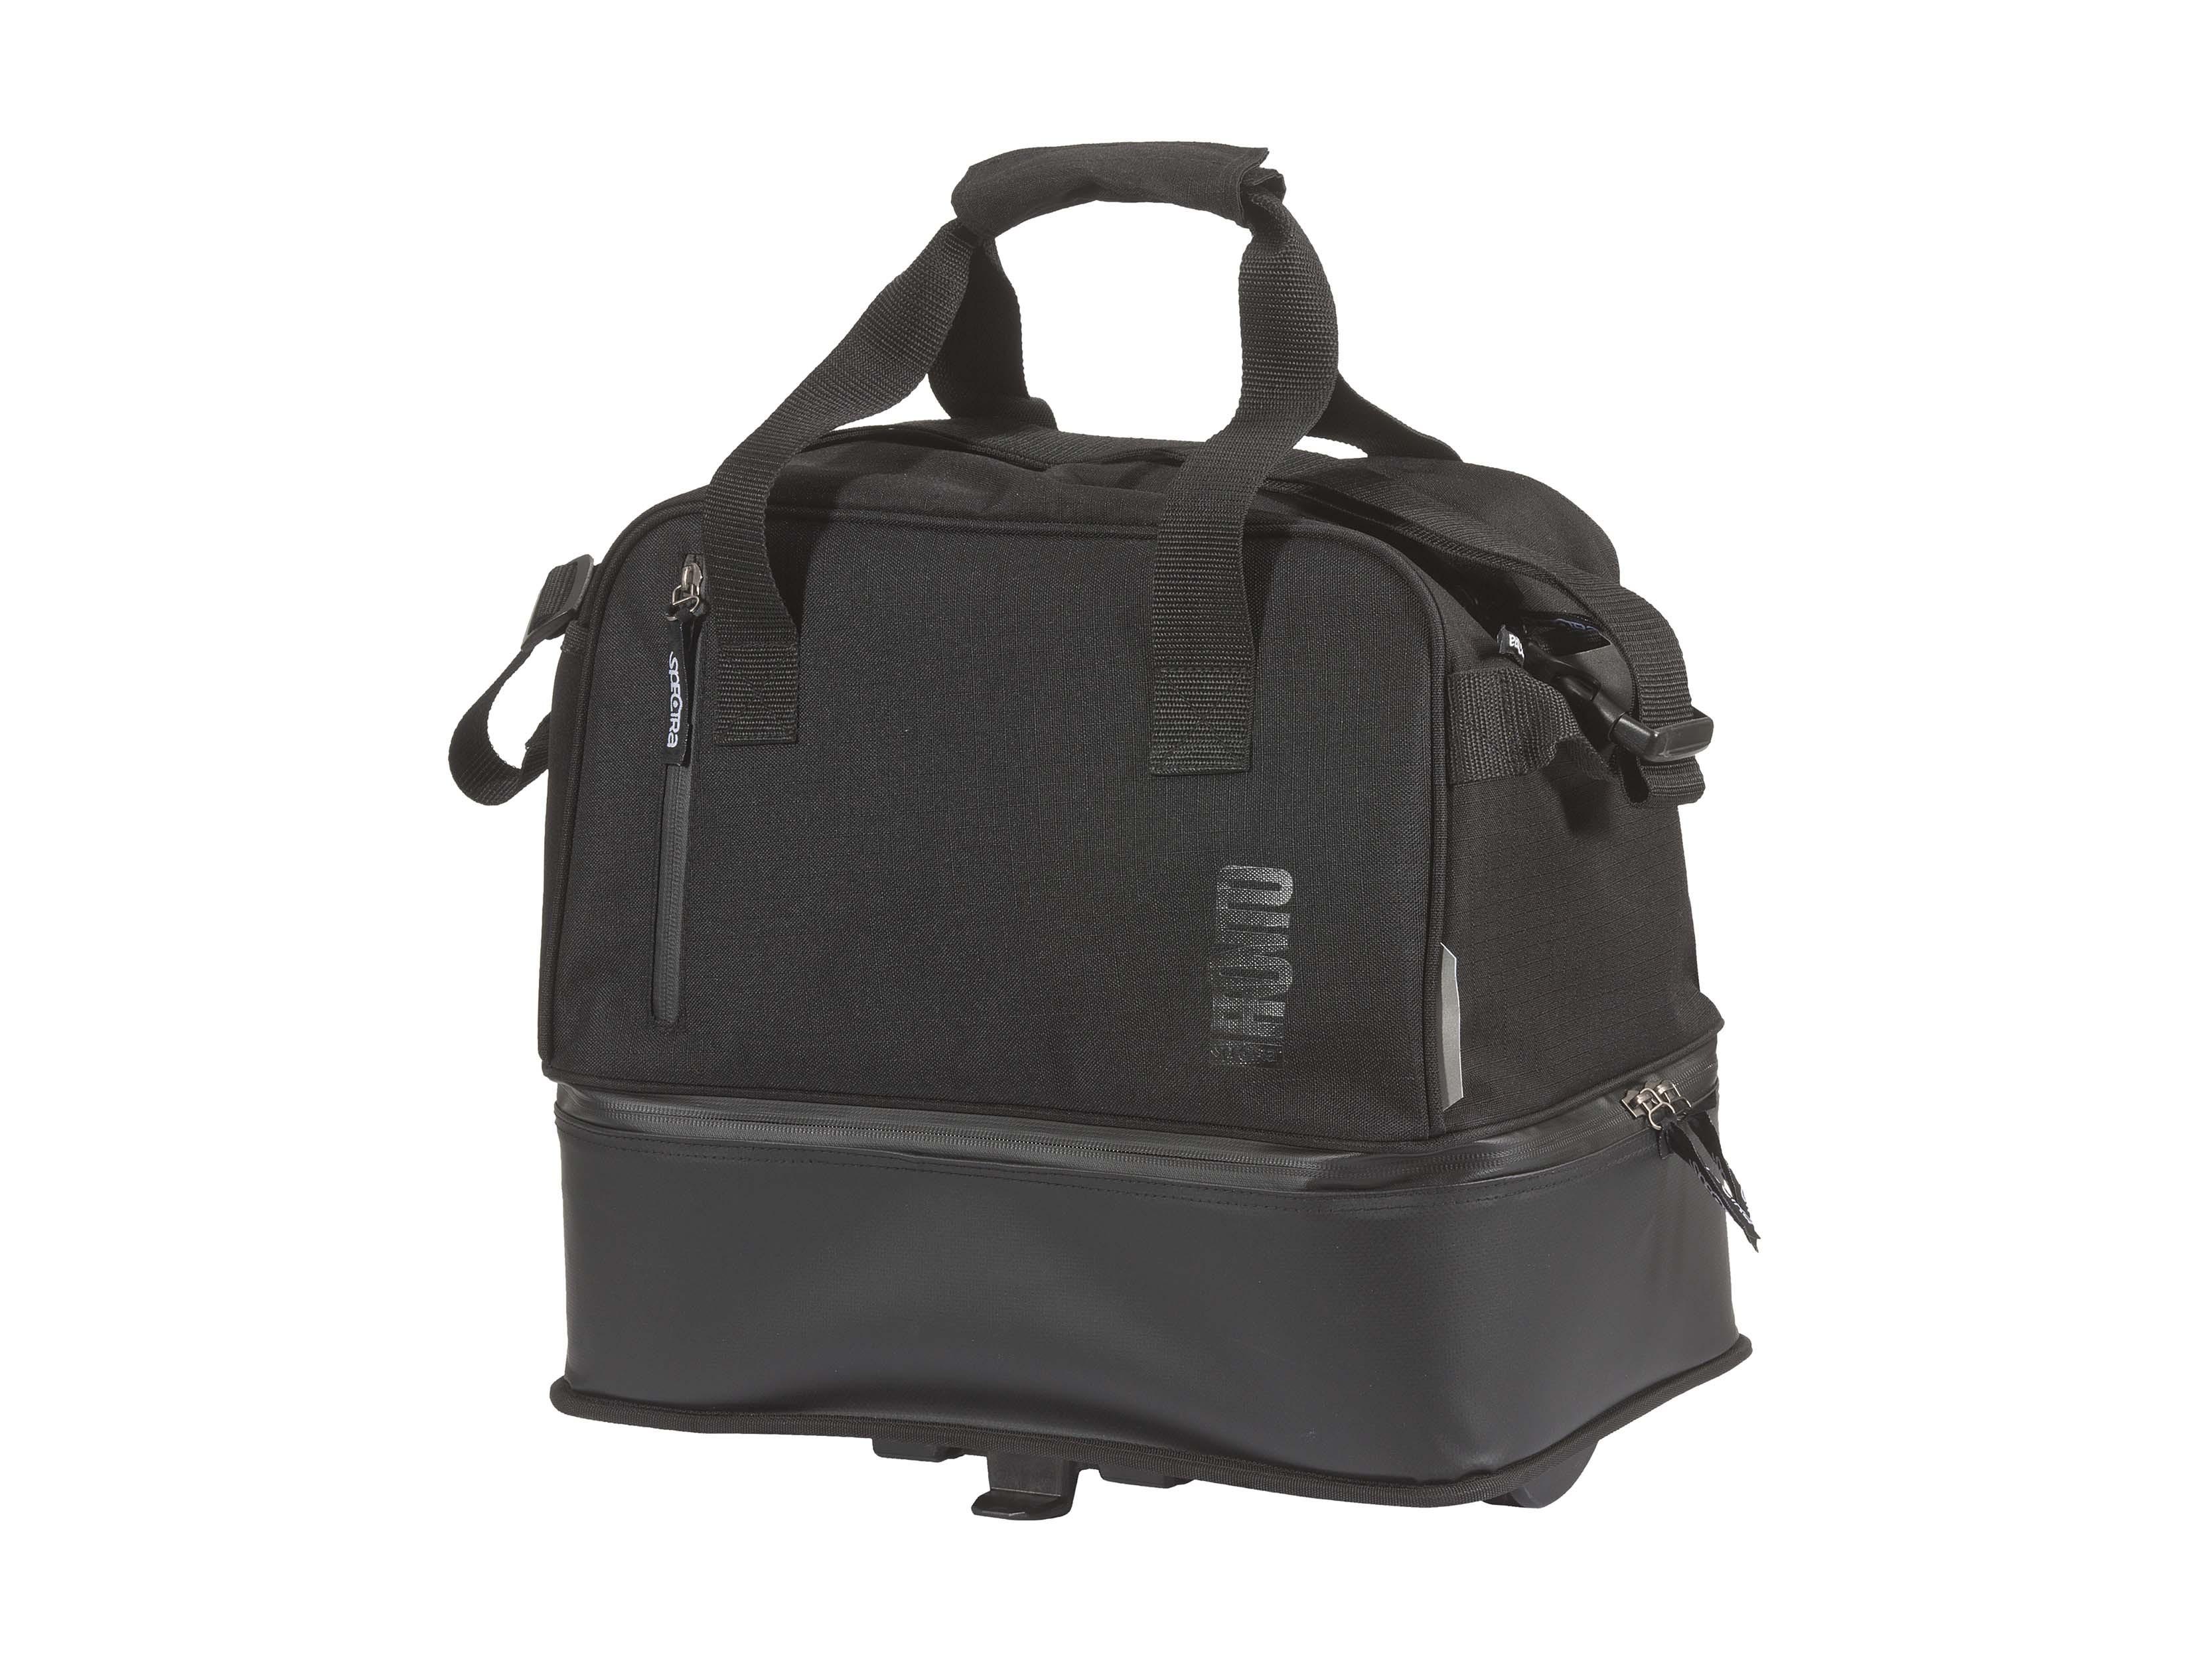 spectra väska pakethållare